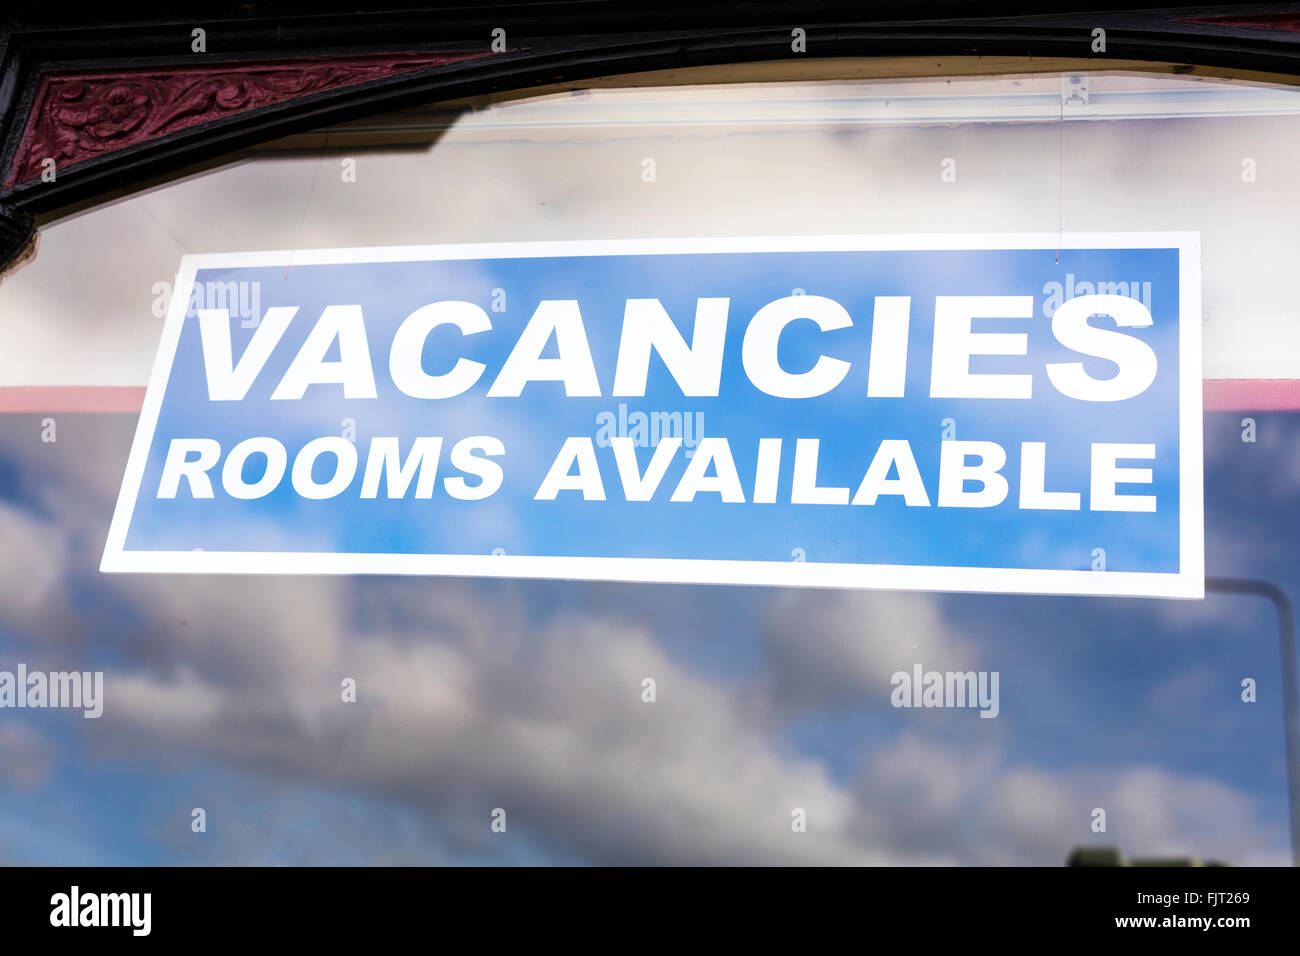 I posti vacanti disponibili camere hotel segno guest house stanza in affitto soggiorno lodge Immagini Stock